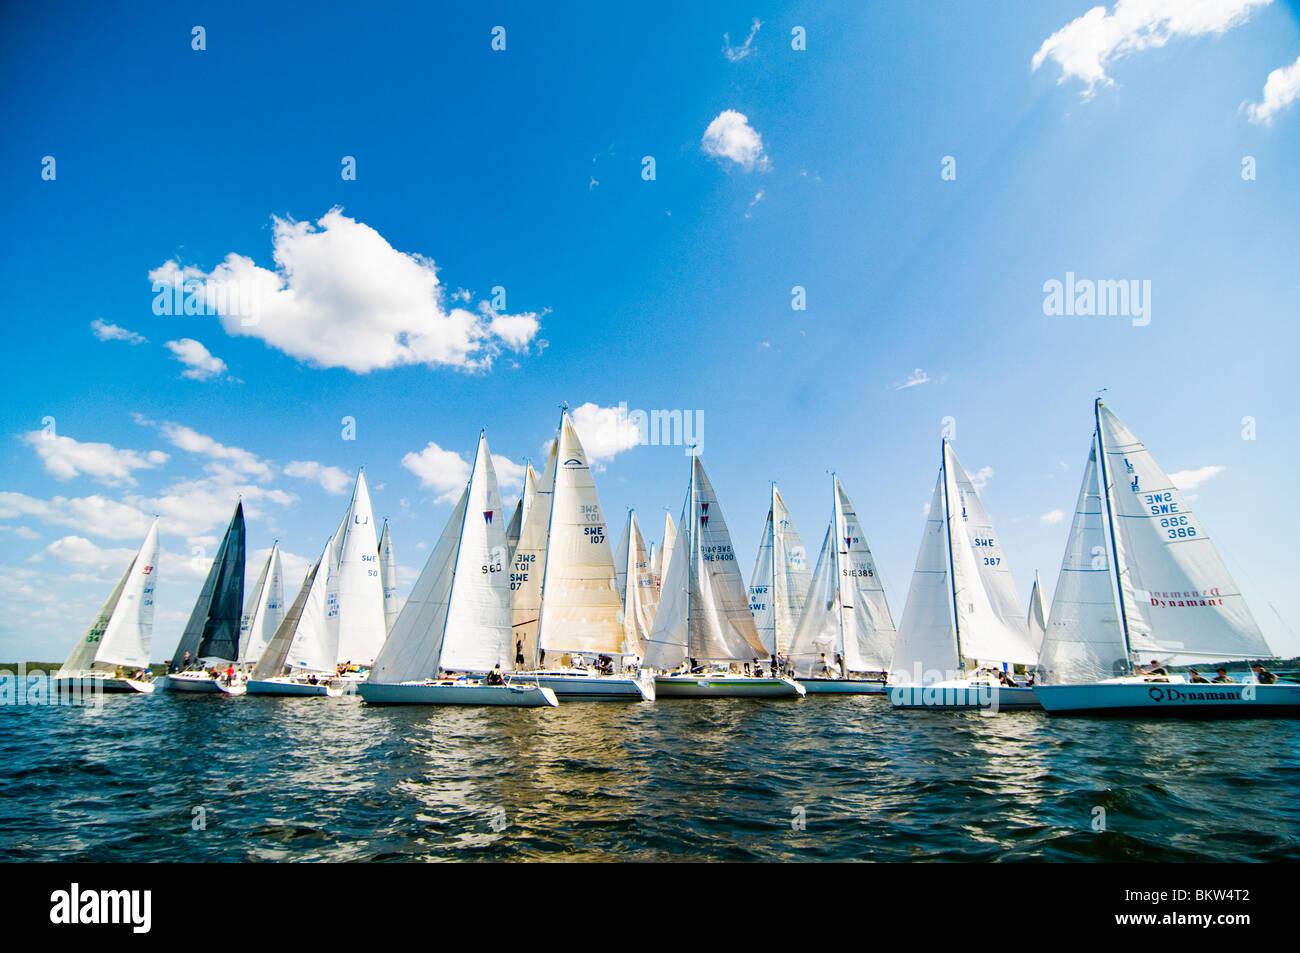 Several sailboats - Stock Image